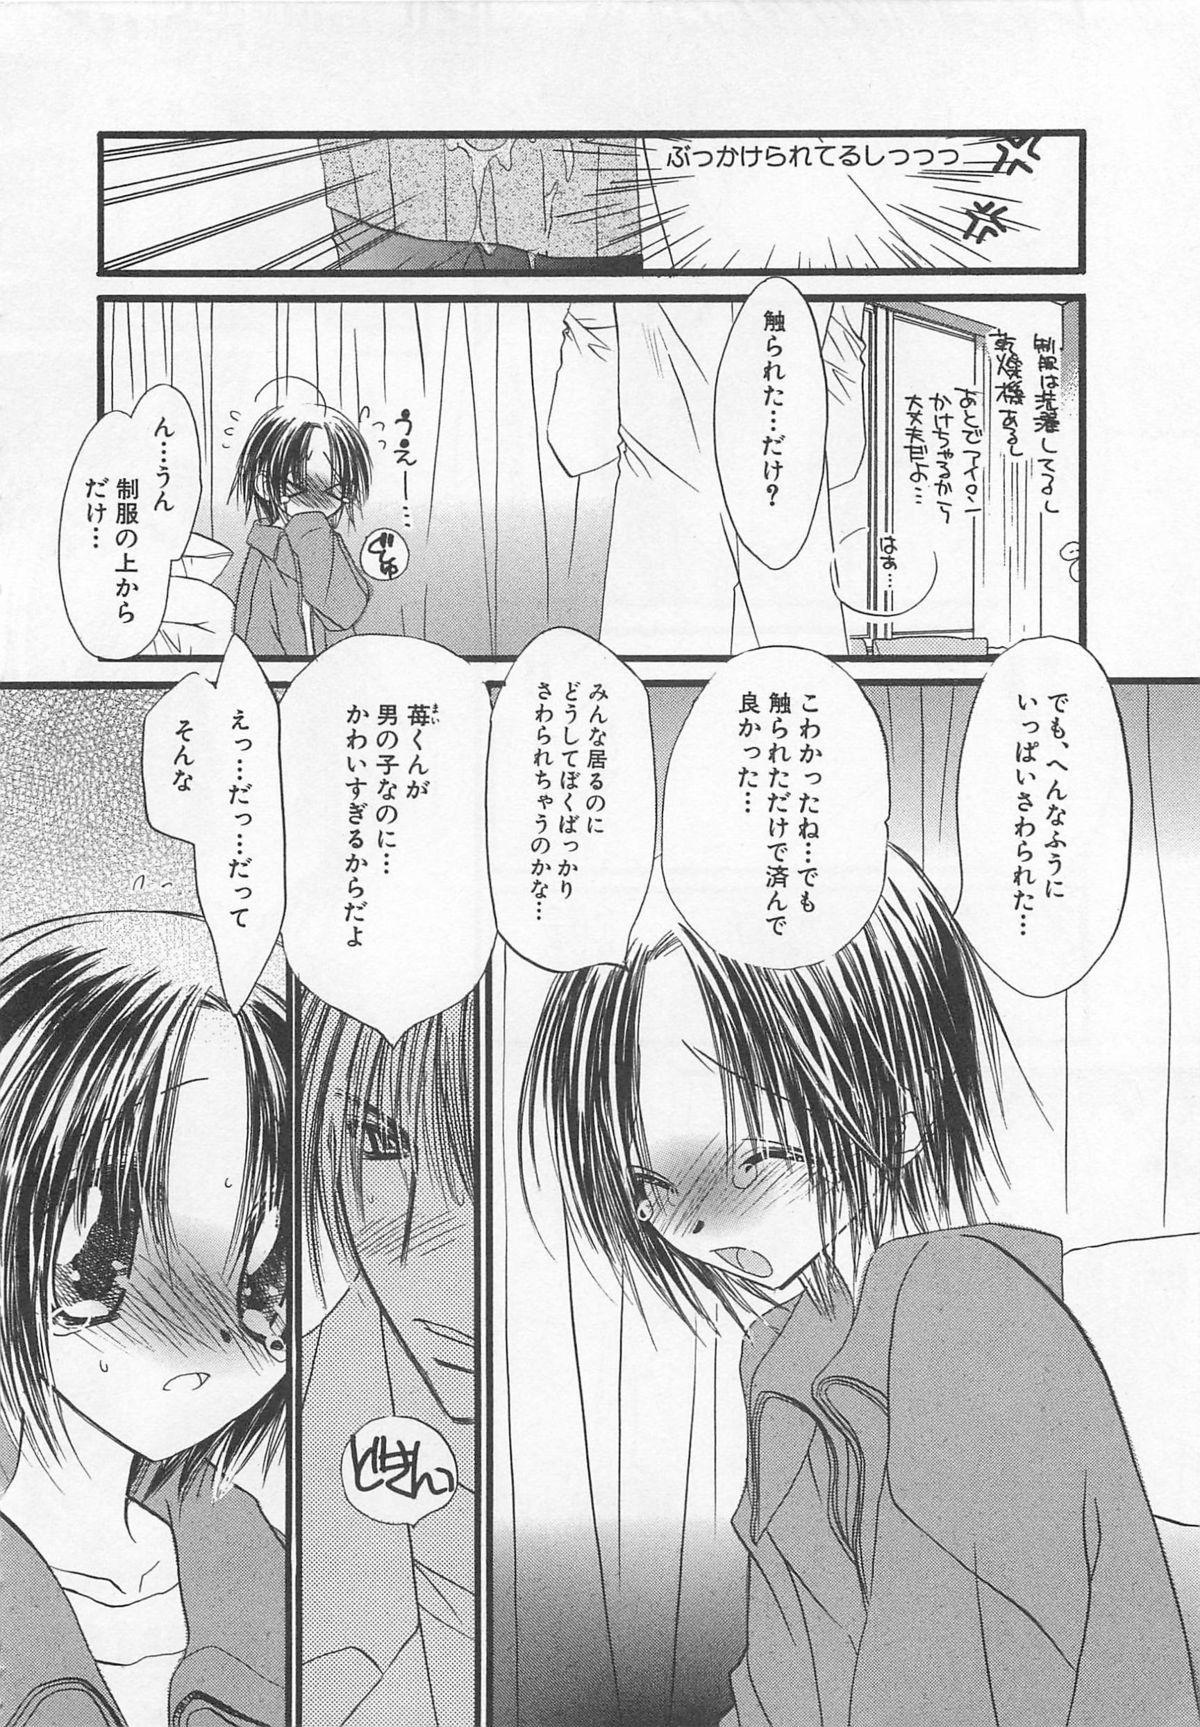 Otokonoko HEAVEN Vol. 01 Meganekko 136